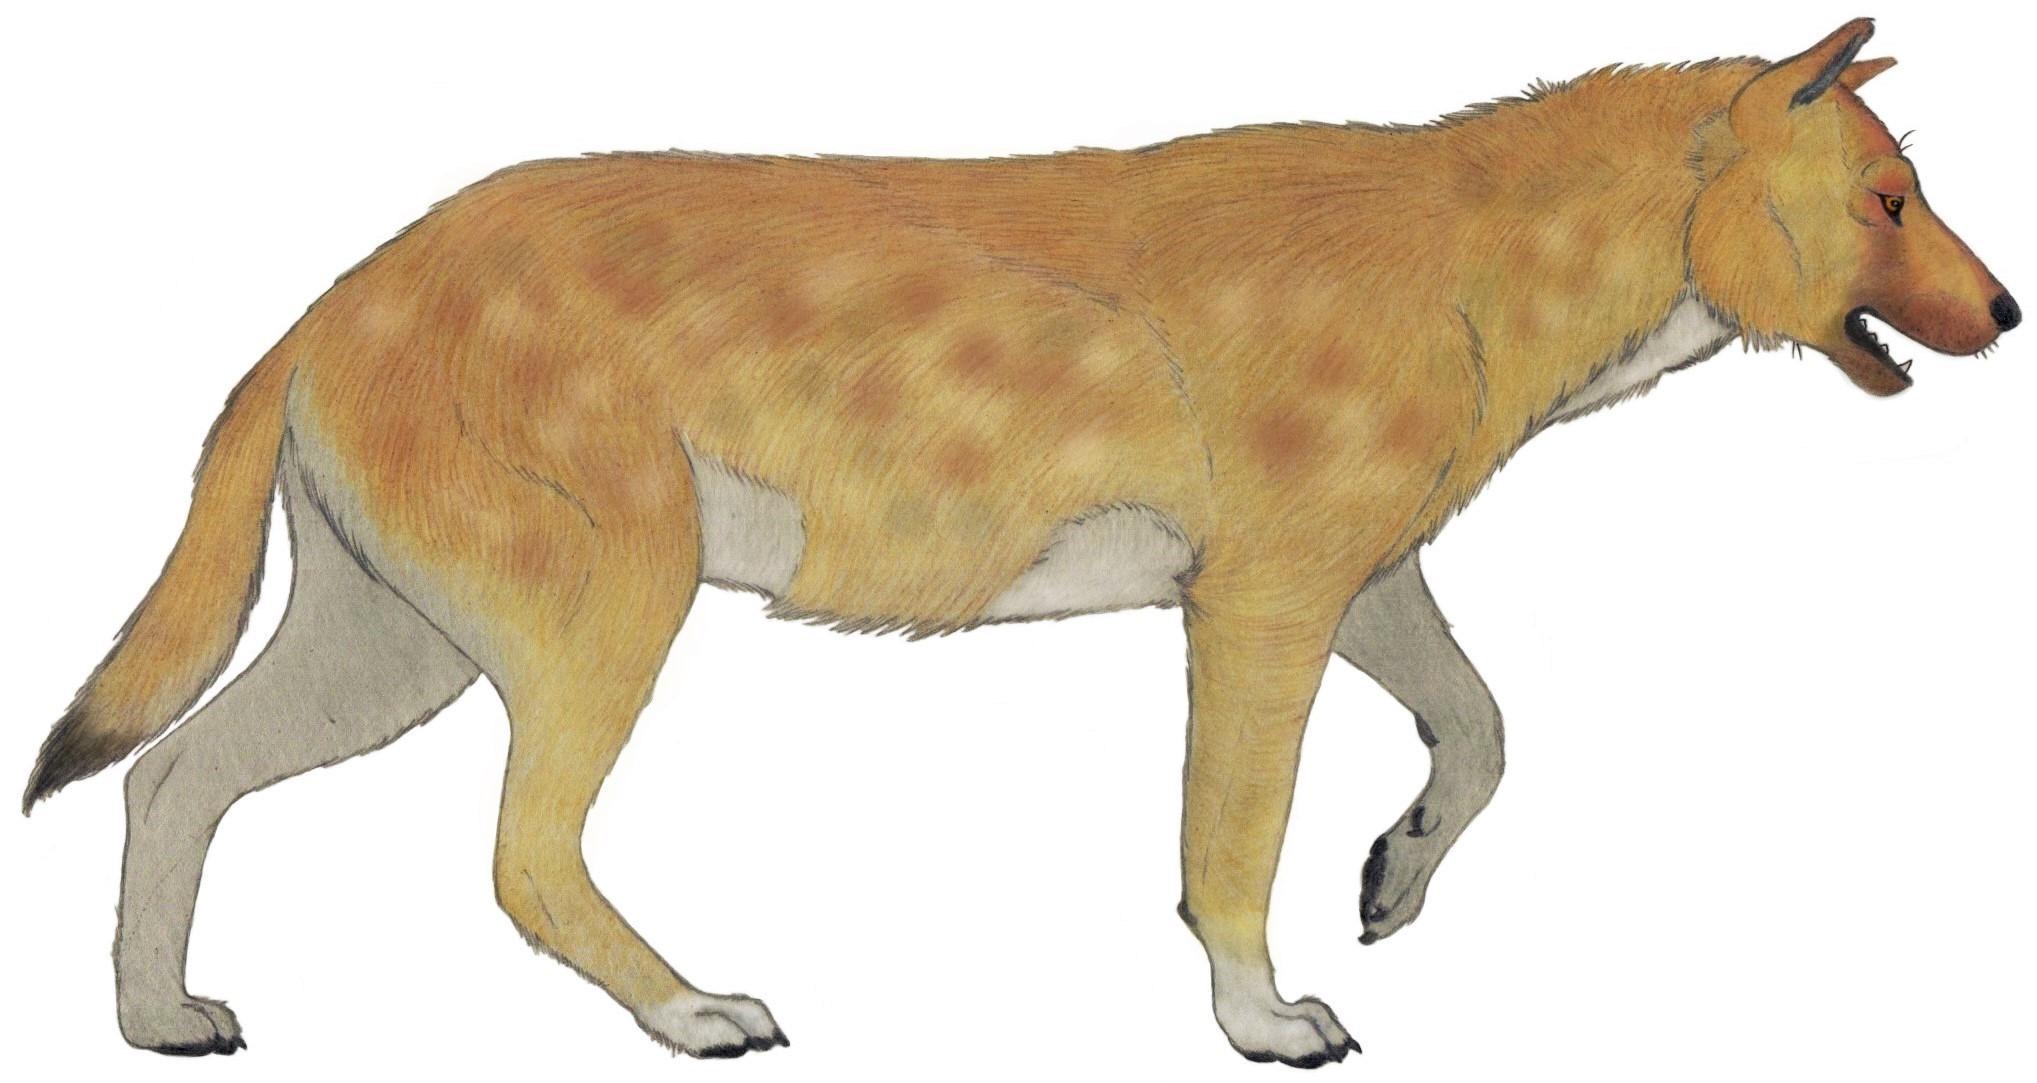 Древние собаки жили рядом с предками человека уже 1,8 миллиона лет назад